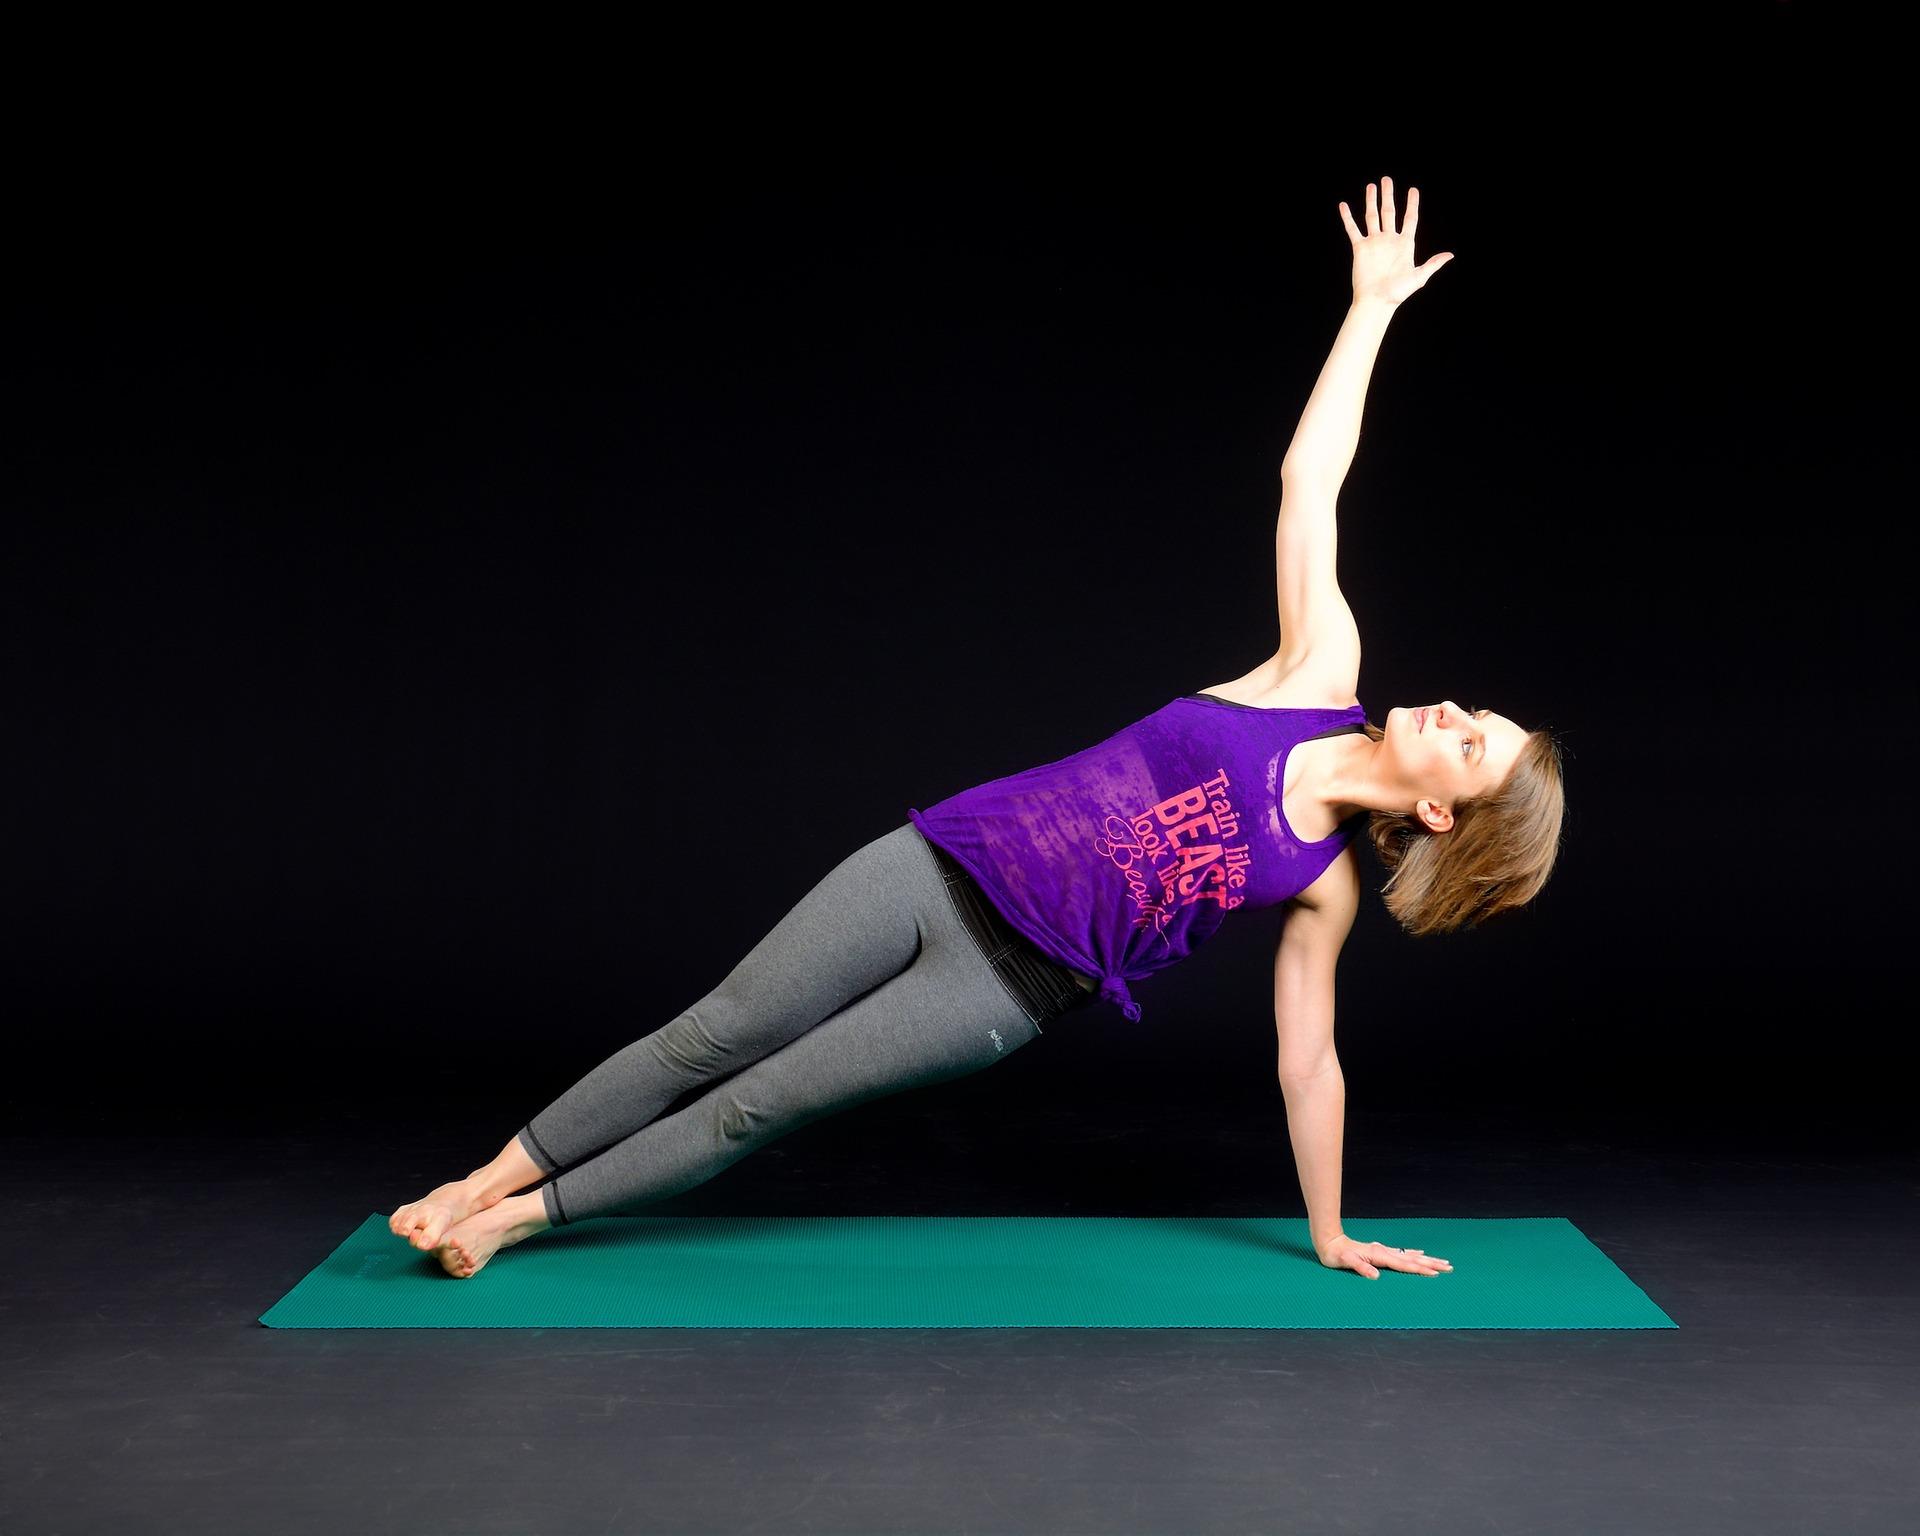 オメガ3含有の食品&サプリメントで関節痛を緩和します